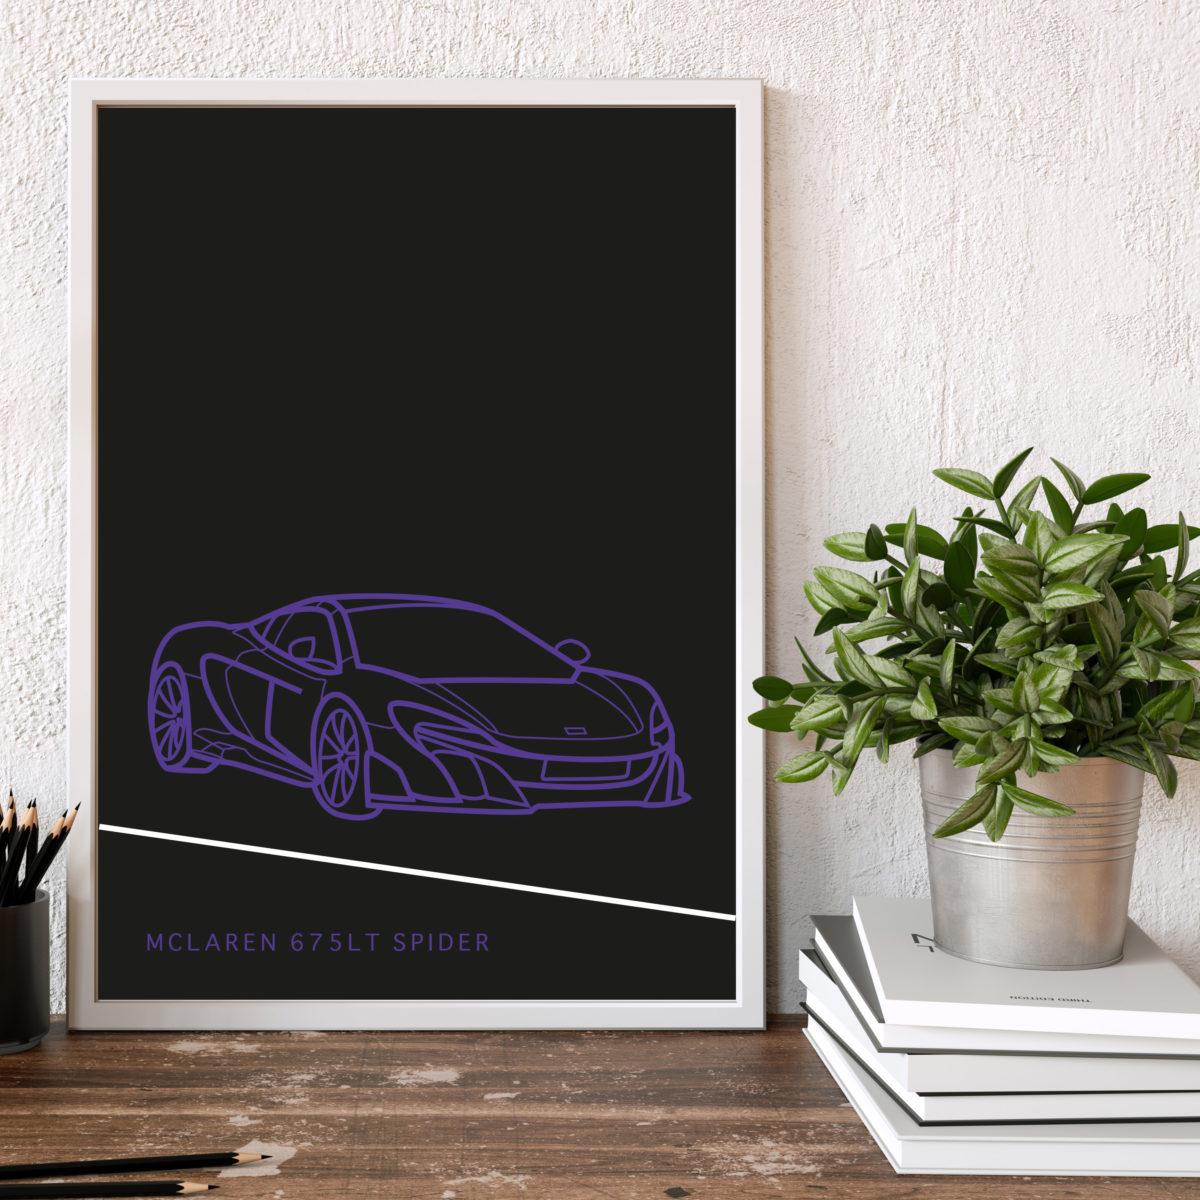 McLaren 675LT Spider Poster